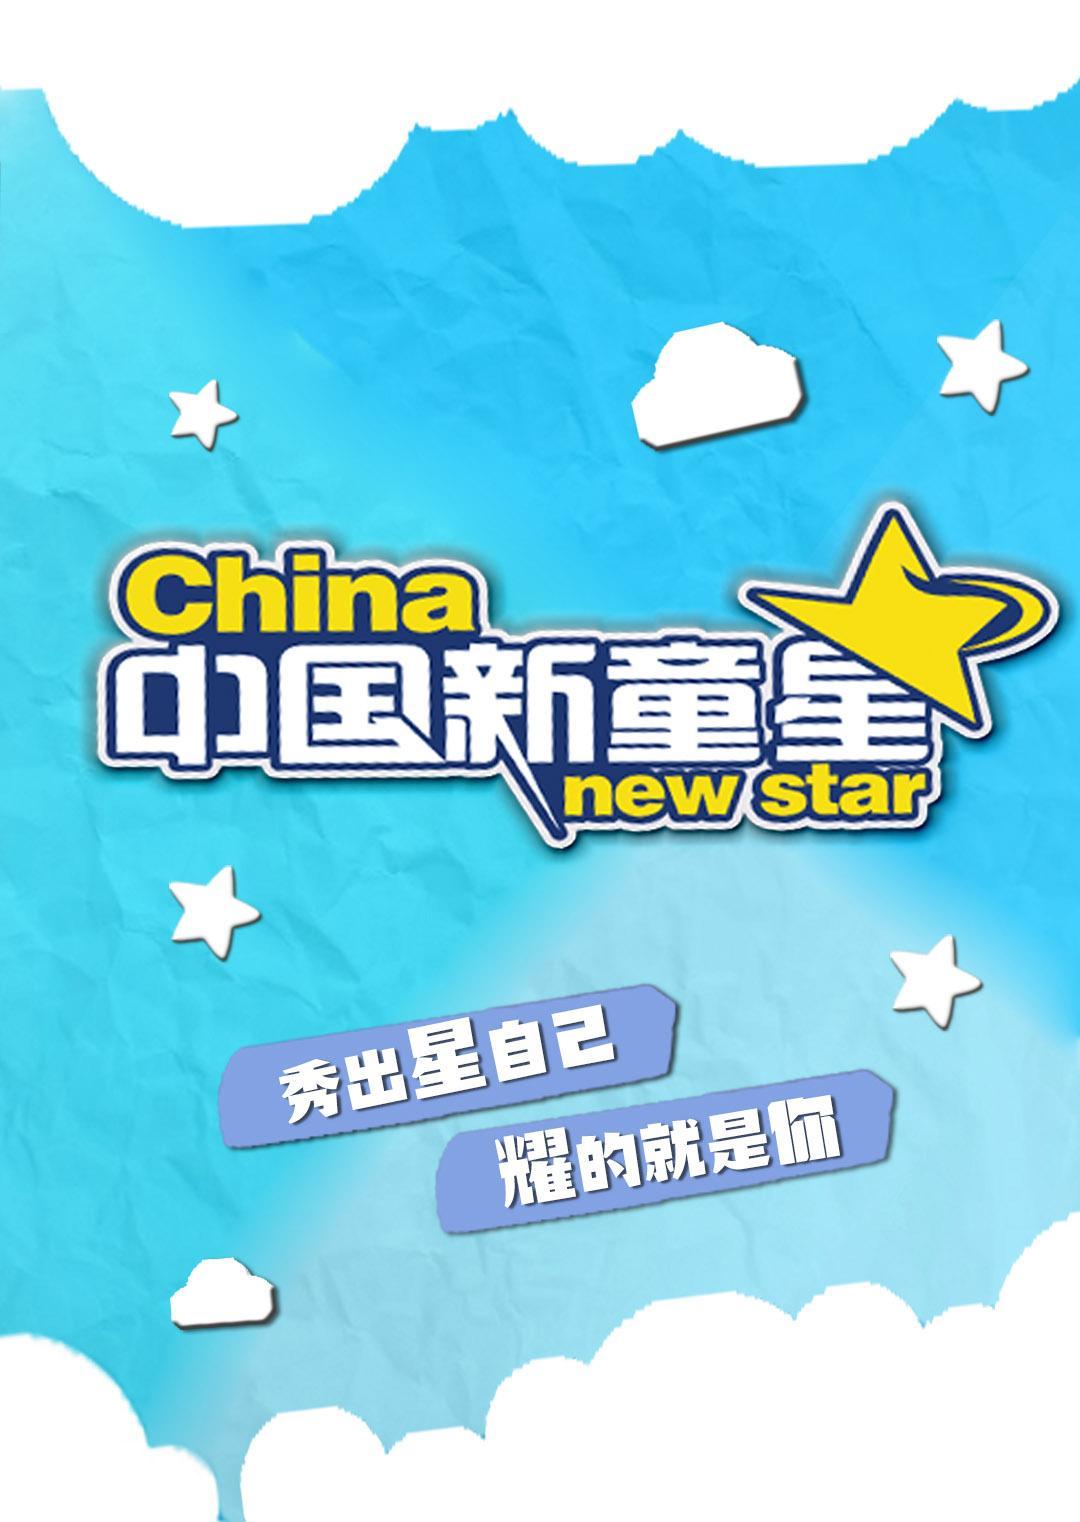 中国新童星(动漫)